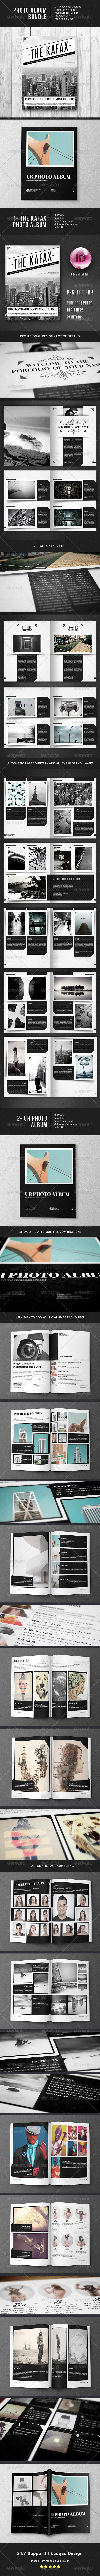 Photo Album Bundle - Photo Albums Print Templates